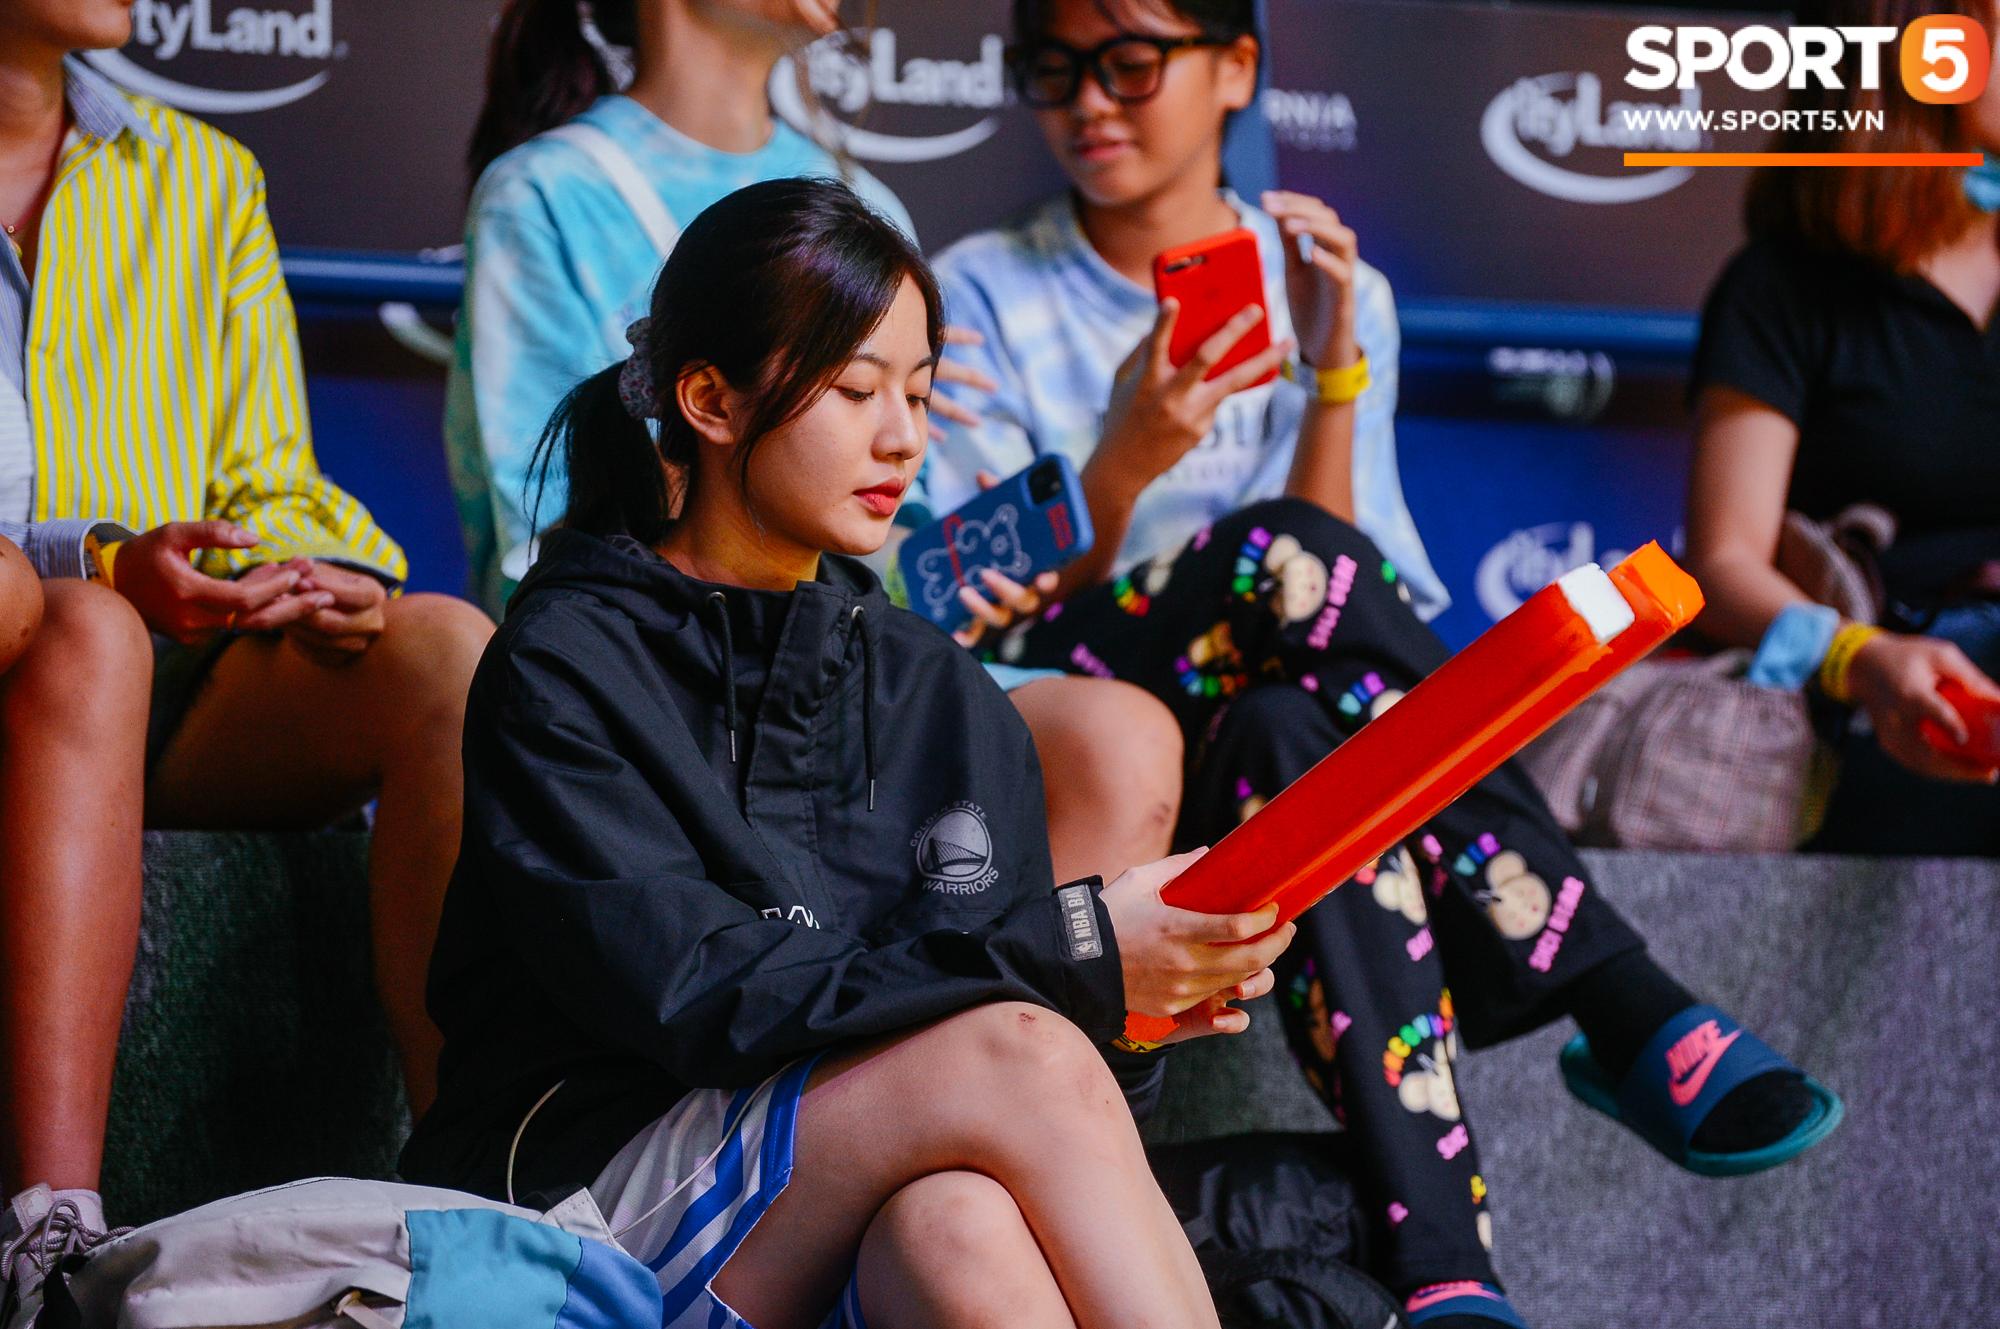 Dàn nữ cổ động viên xinh ngất ngây hâm nóng trận đấu Nha Trang Dolphins gặp Saigon Heat - Ảnh 9.